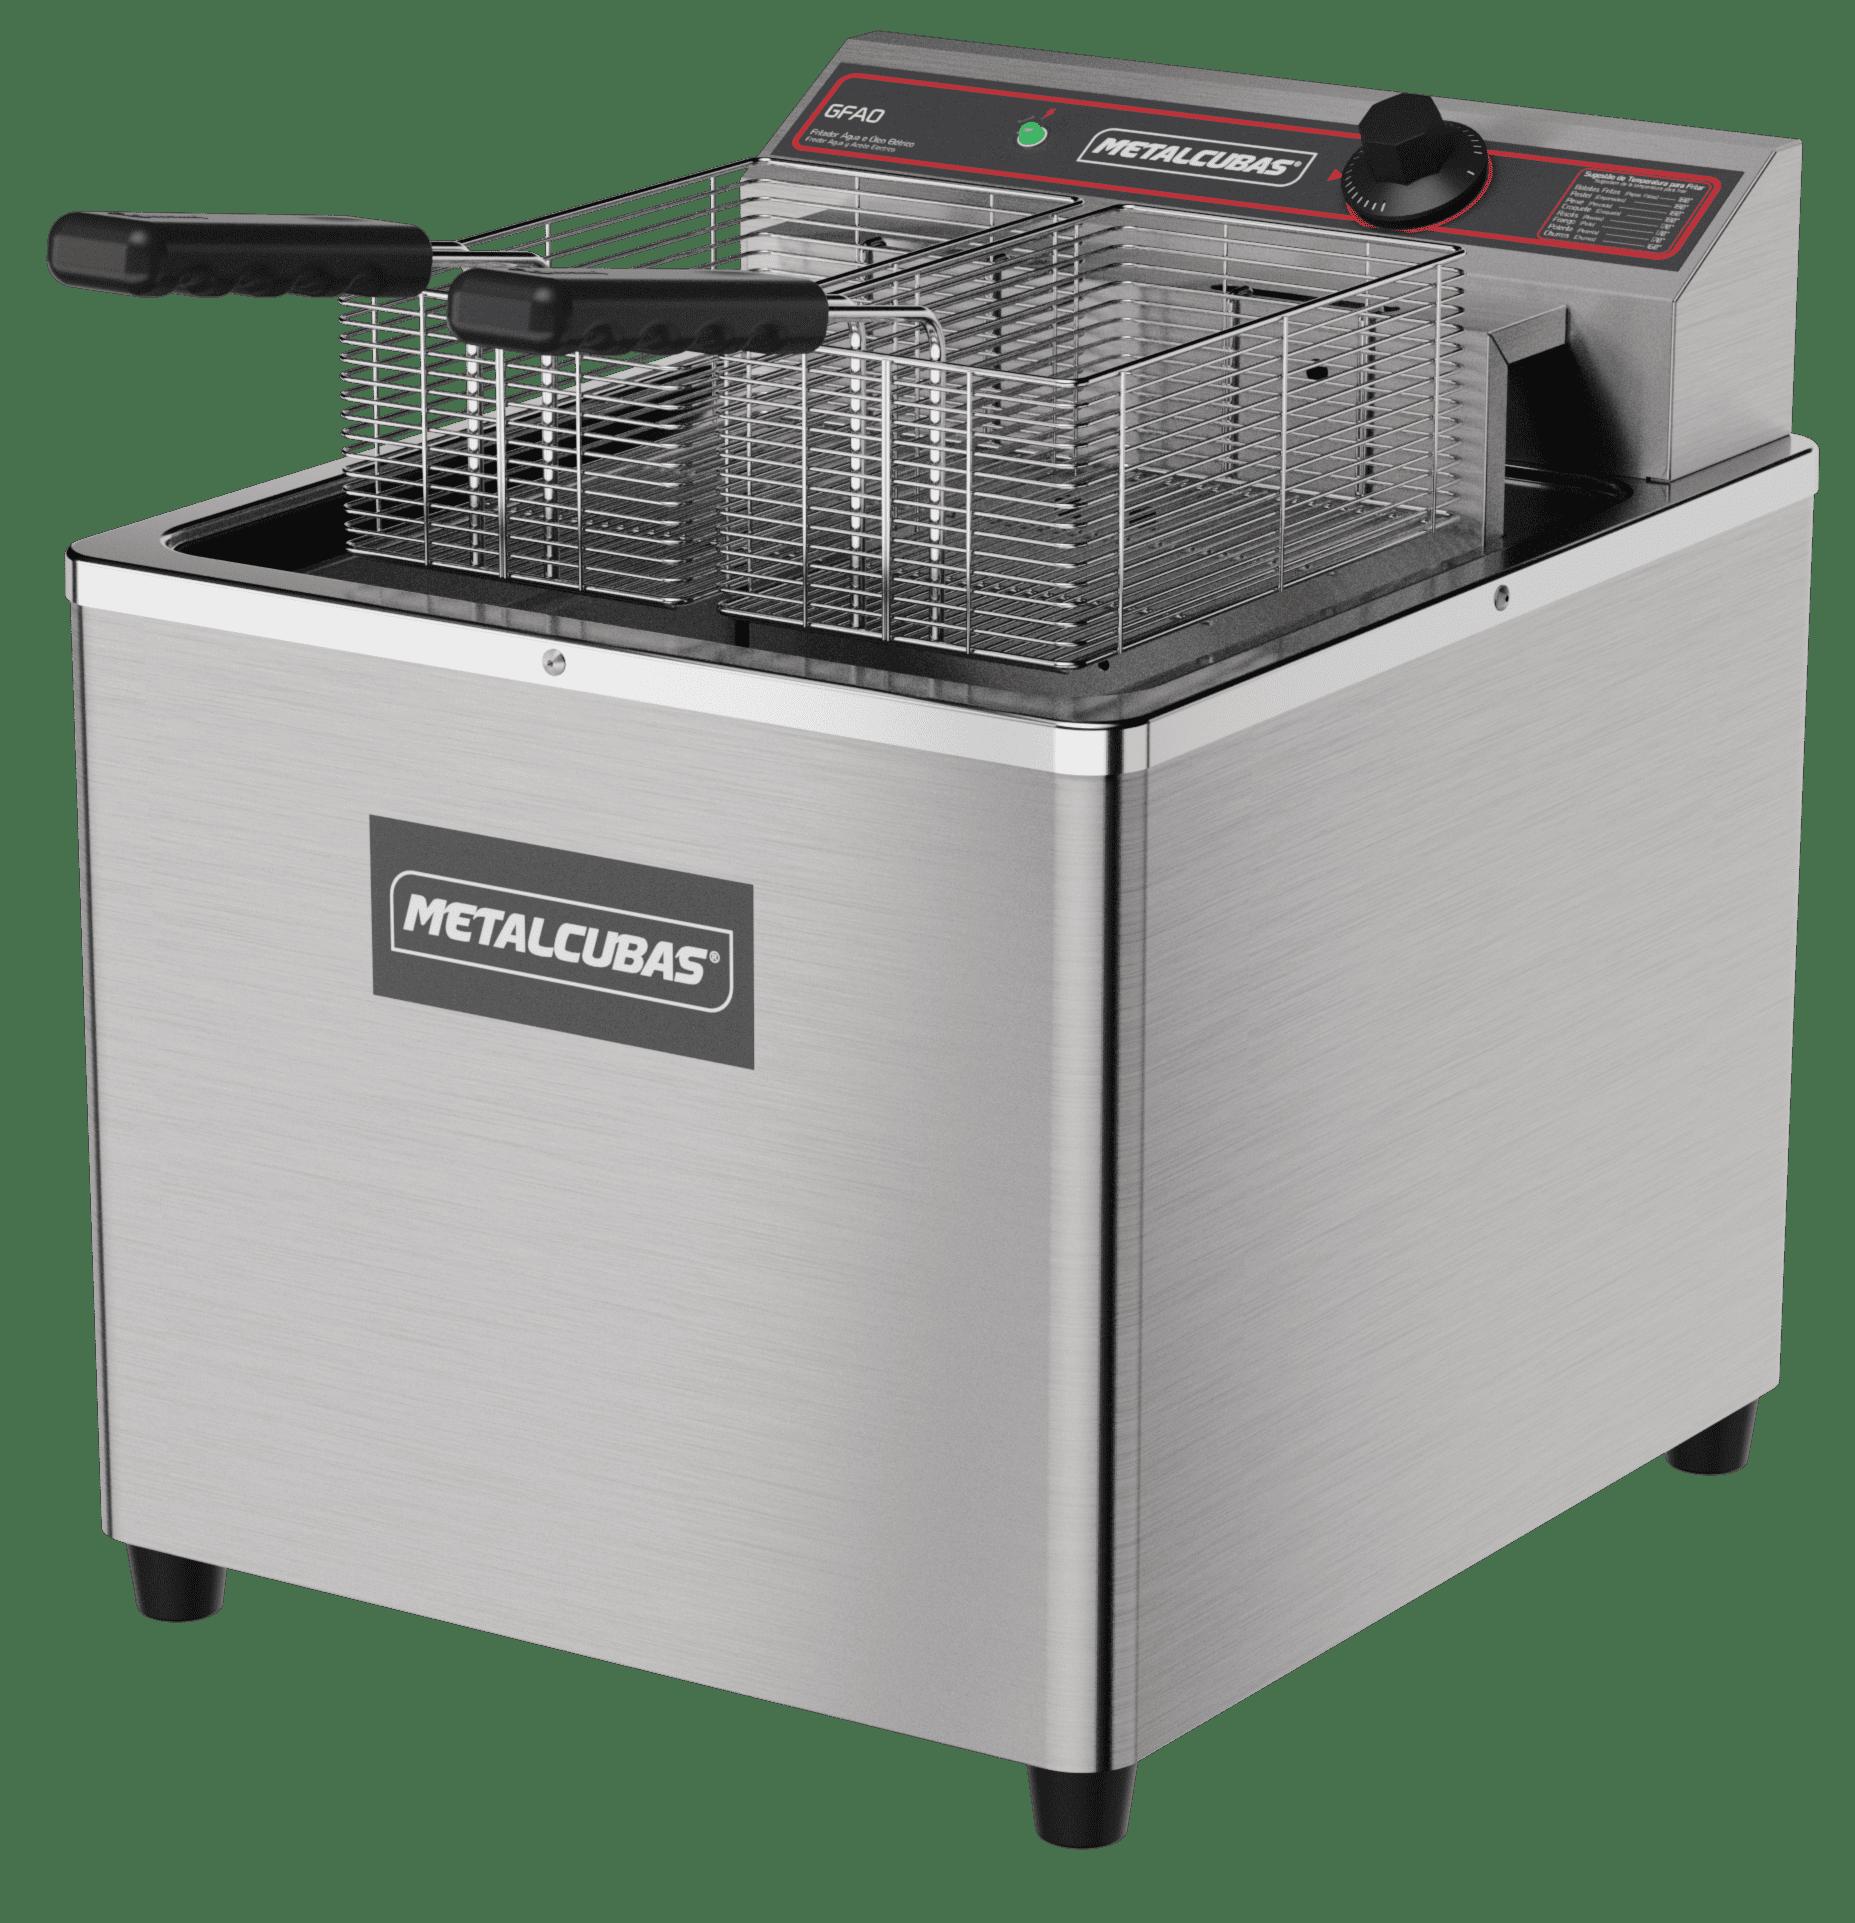 Fritadeira elétrica água e óleo 18 litros GFAO 18 M Metalcubas